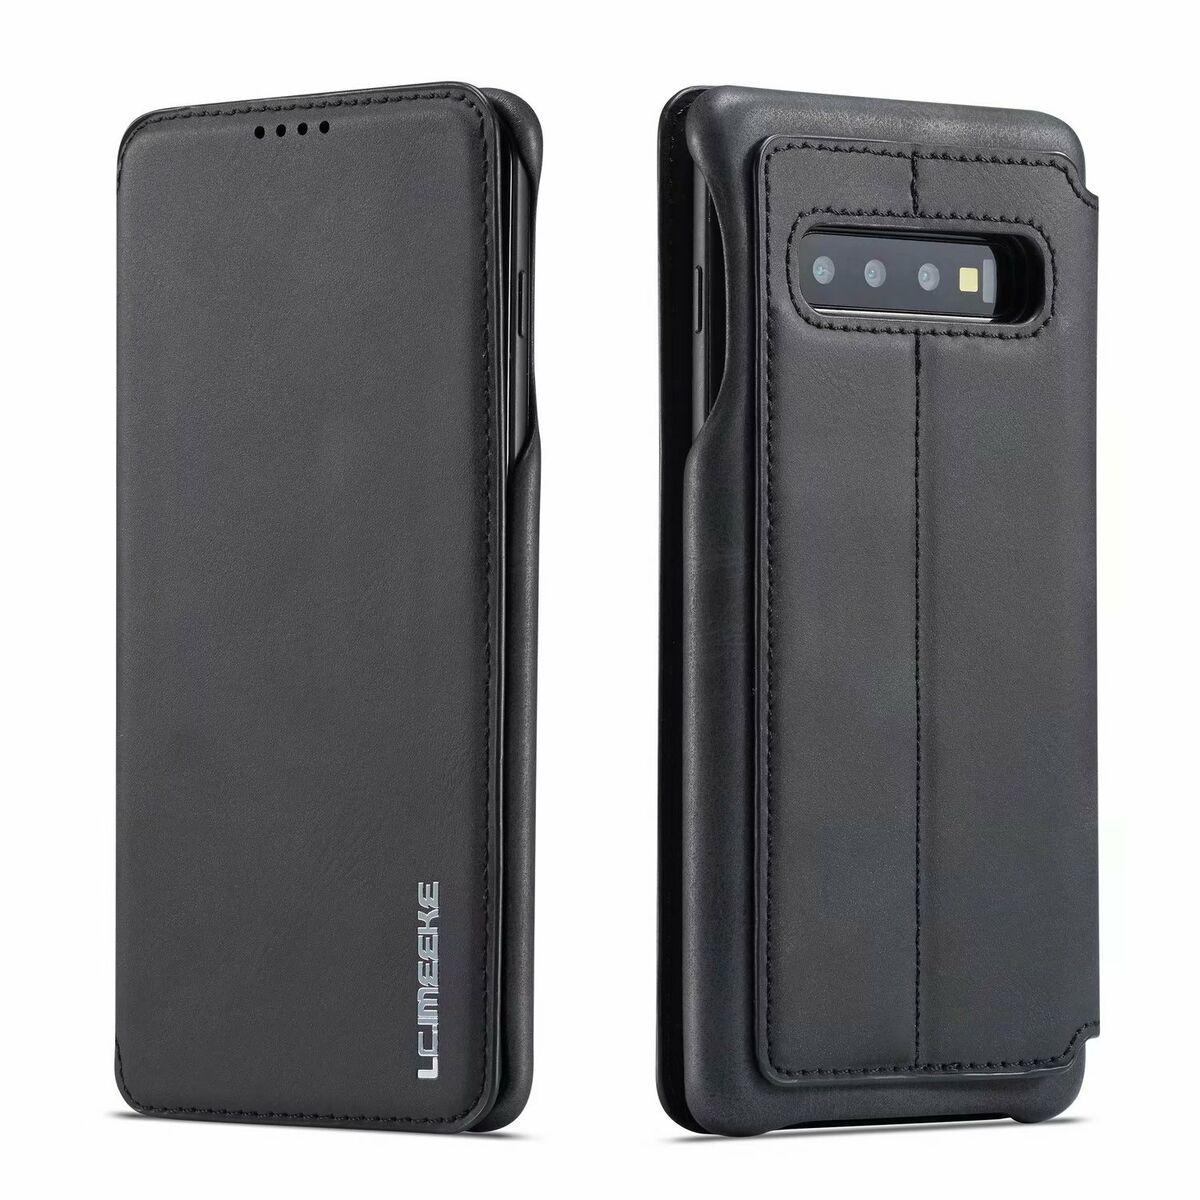 268fbc1dc6bf8 Echt Leder Tasche für Samsung Galaxy S10 PLUS - Flip Case Schutz Hülle  Cover S